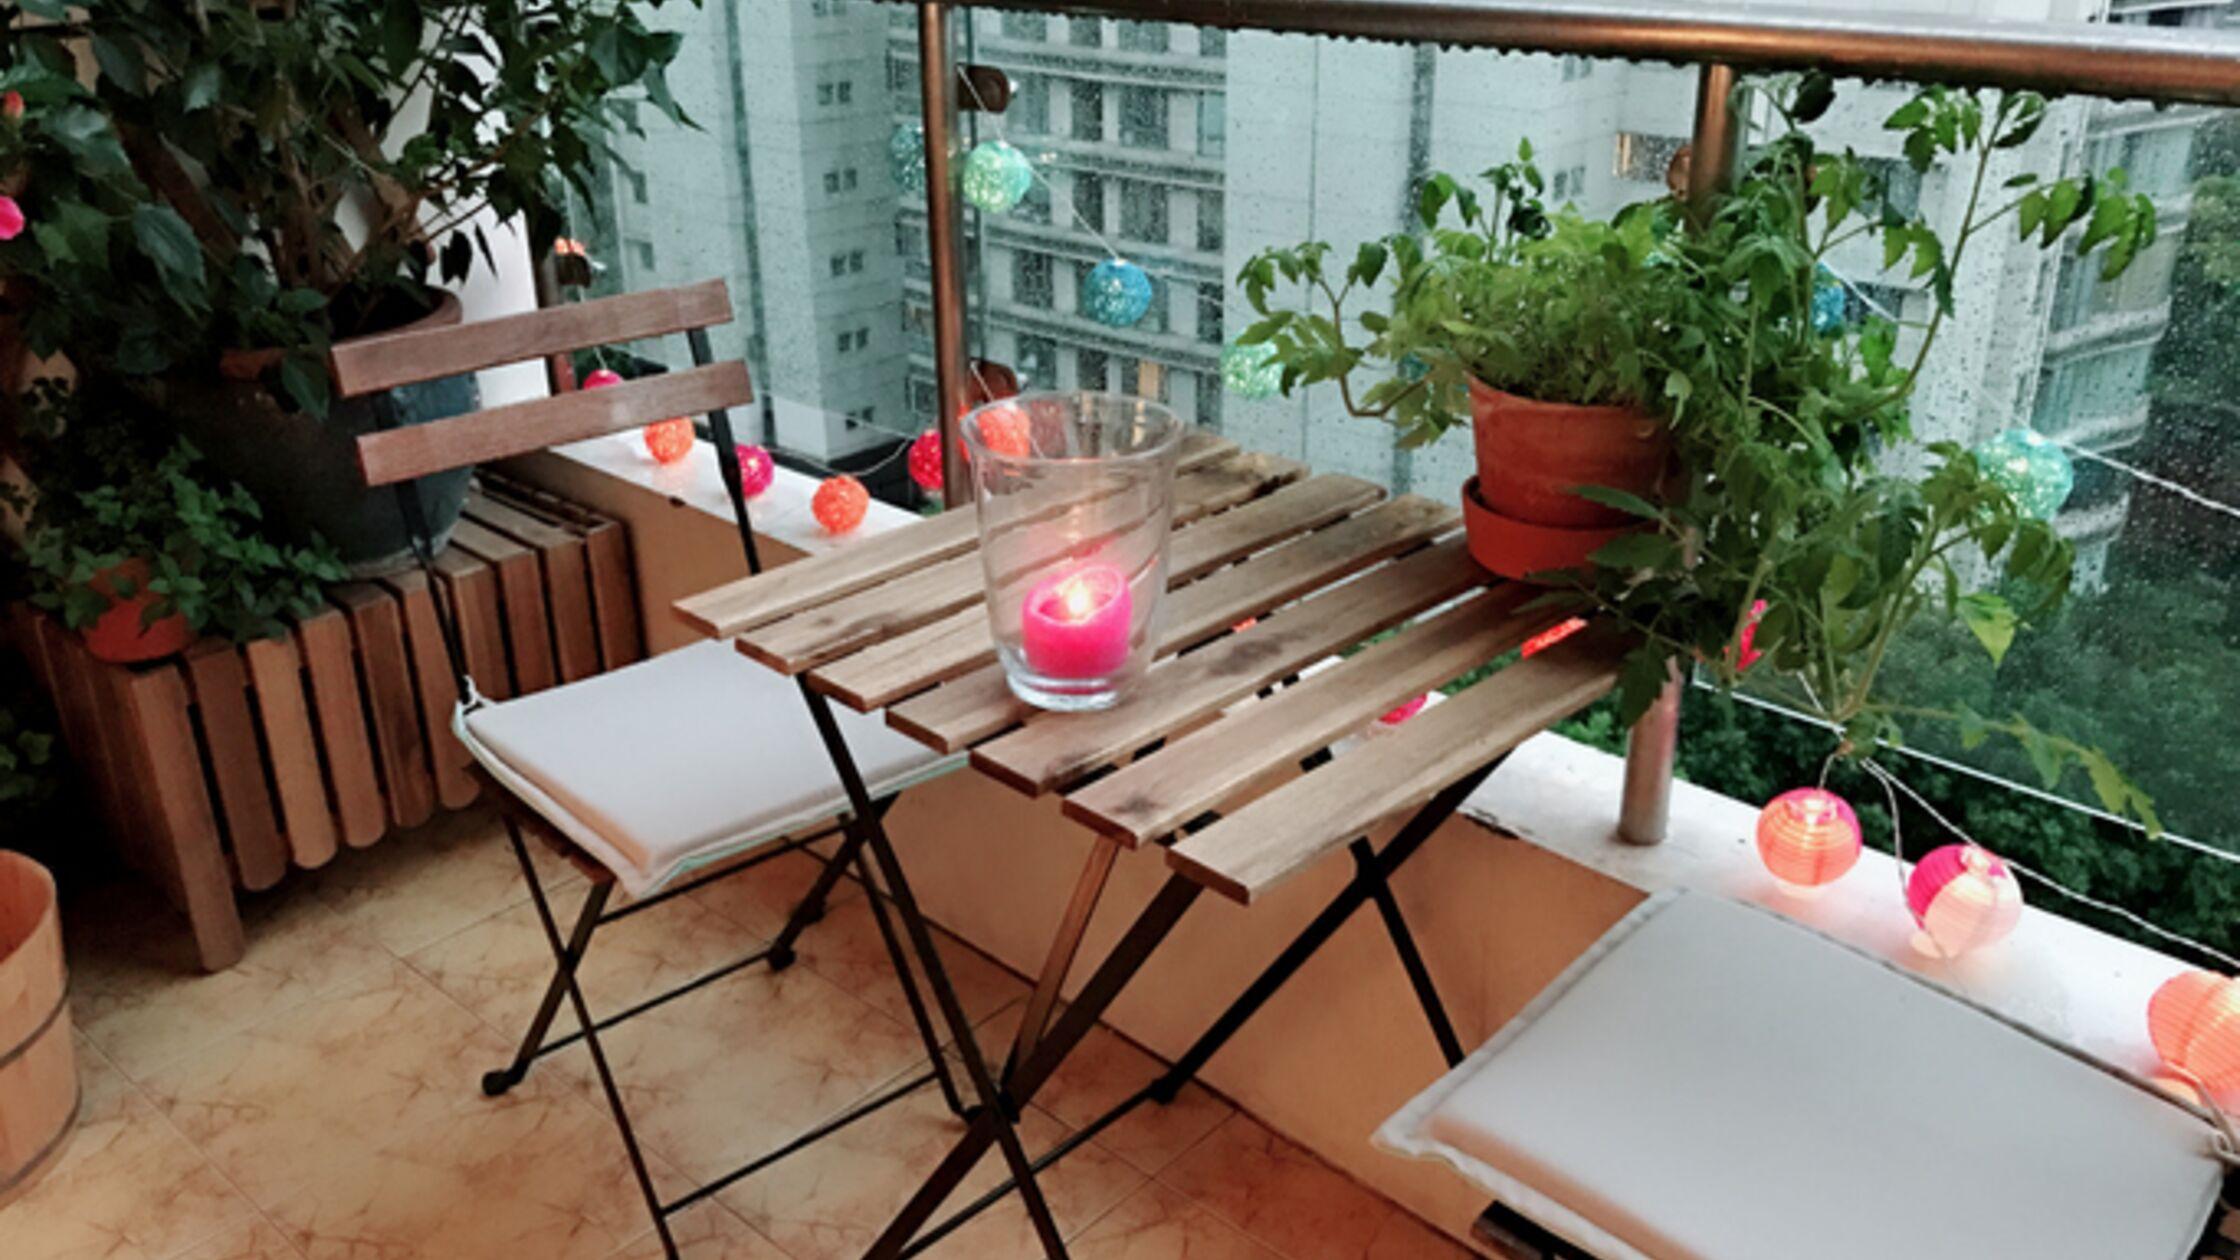 Balkon verschönern: 6 günstige Tipps für die grüne Mini-Oase